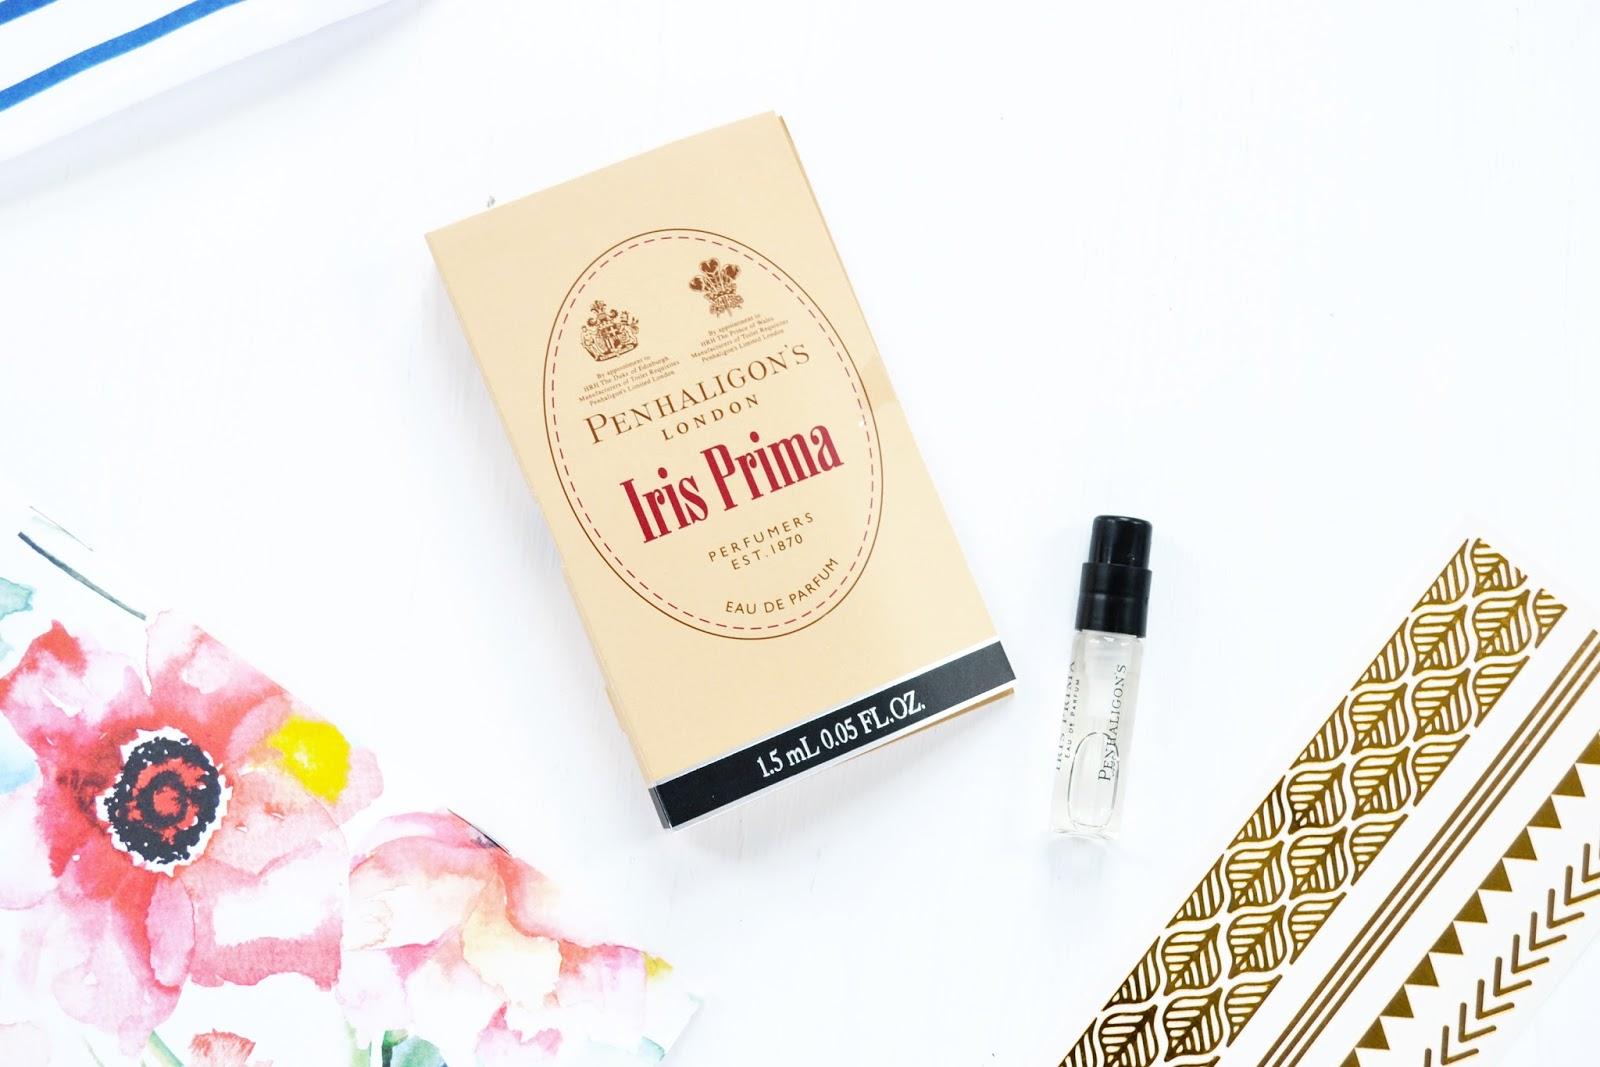 penhaligon's iris prima perfume